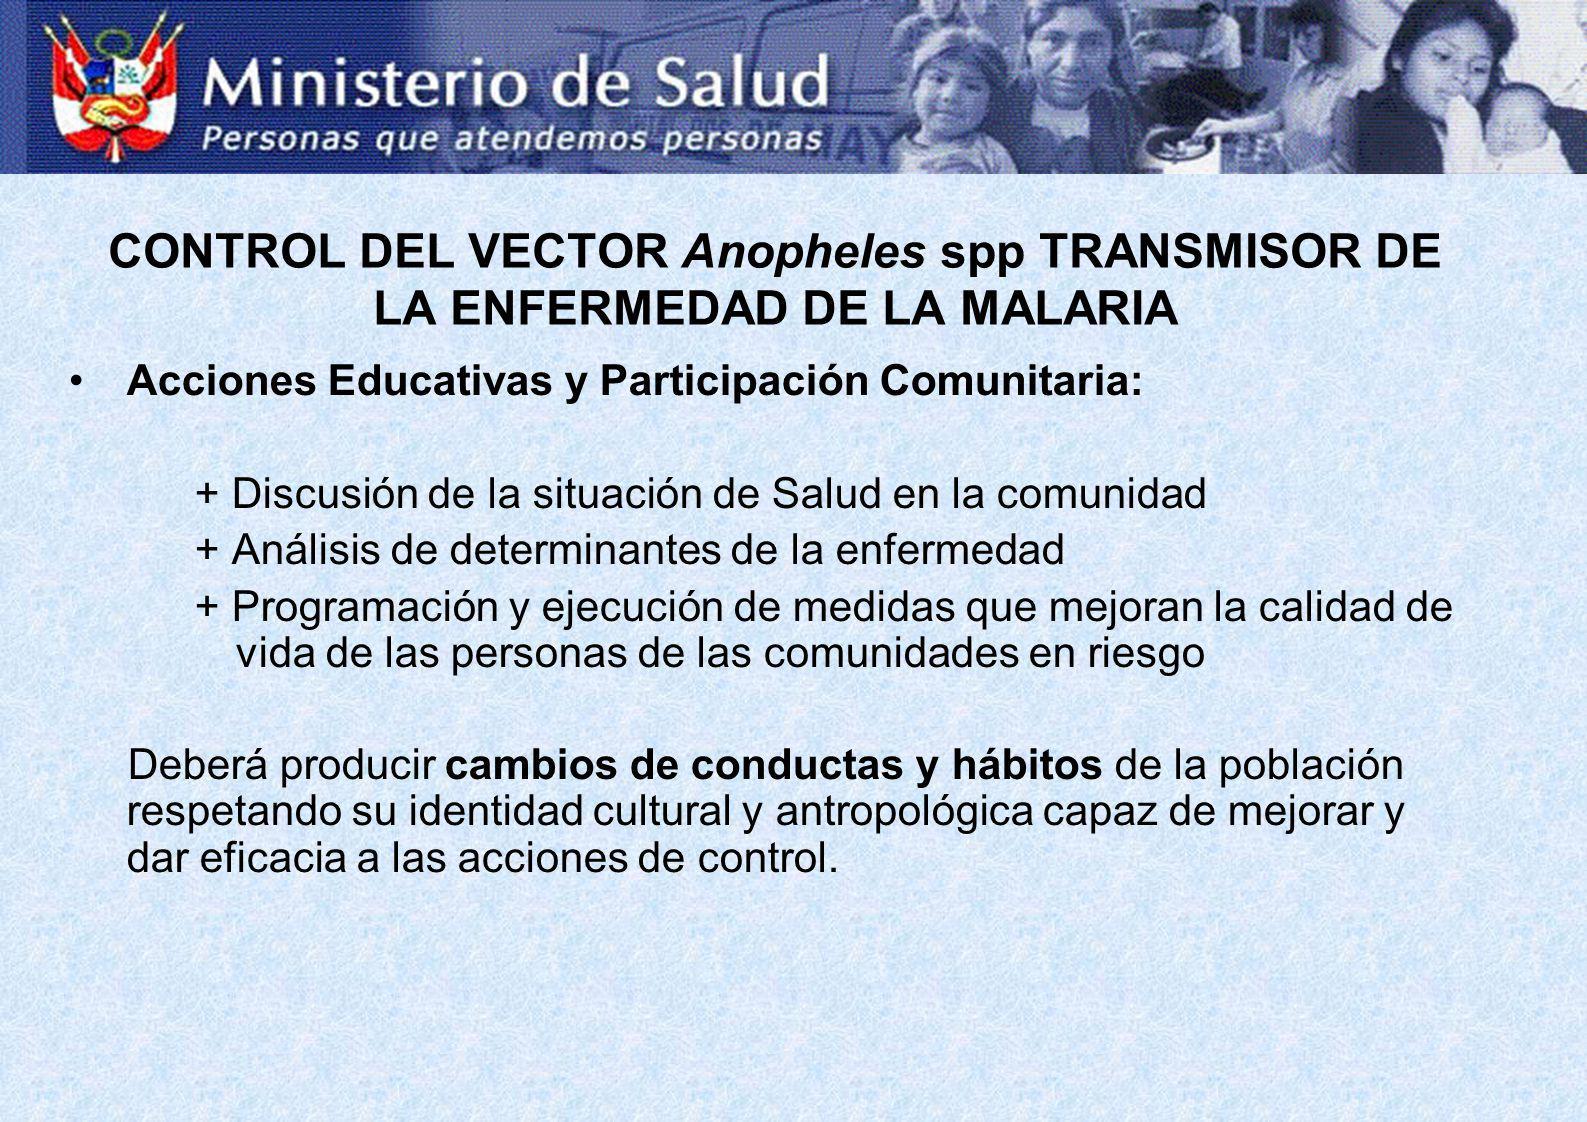 CONTROL DEL VECTOR Anopheles spp TRANSMISOR DE LA ENFERMEDAD DE LA MALARIA Acciones Educativas y Participación Comunitaria: + Discusión de la situació